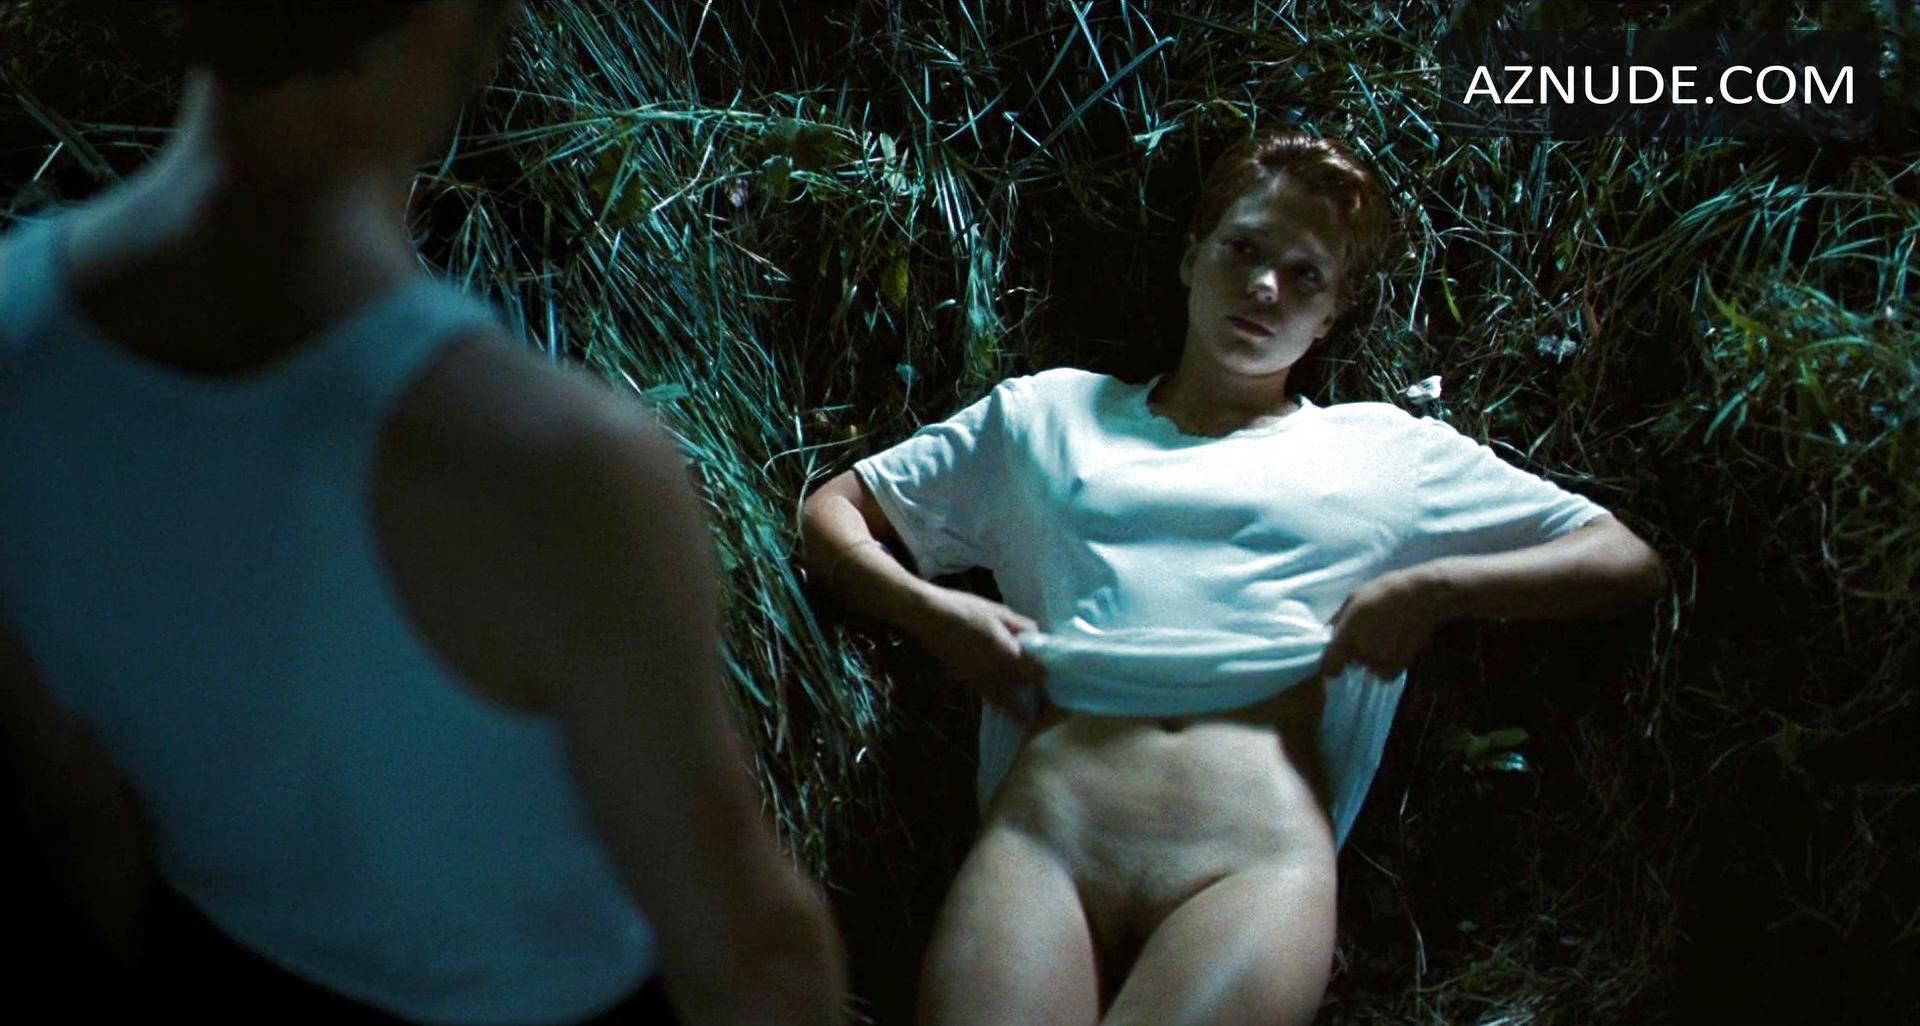 Video! Scene lea seydoux nude pics